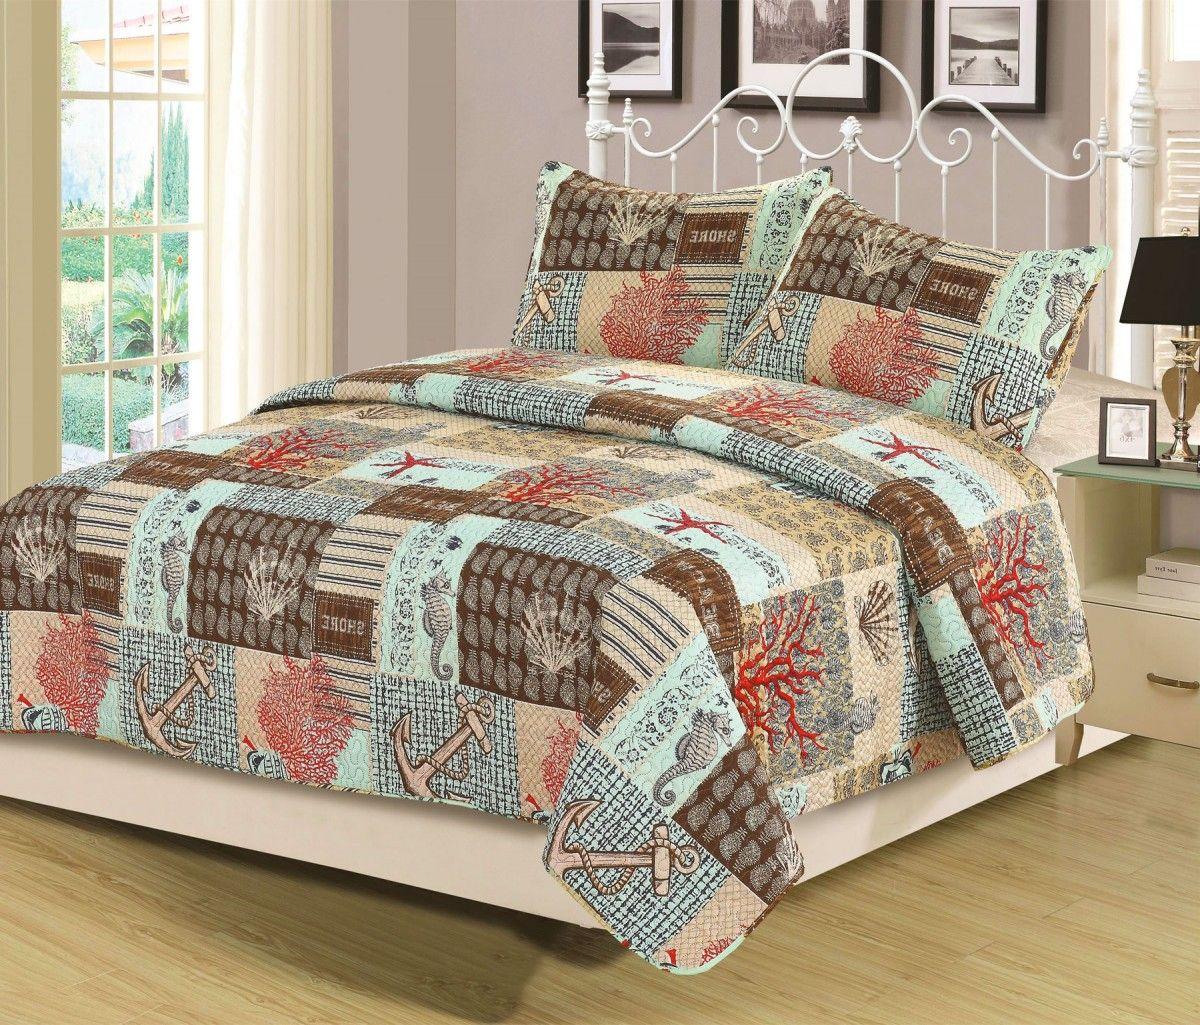 Beatrice Cape Queen Quilt Set 3 Piece Bedspread